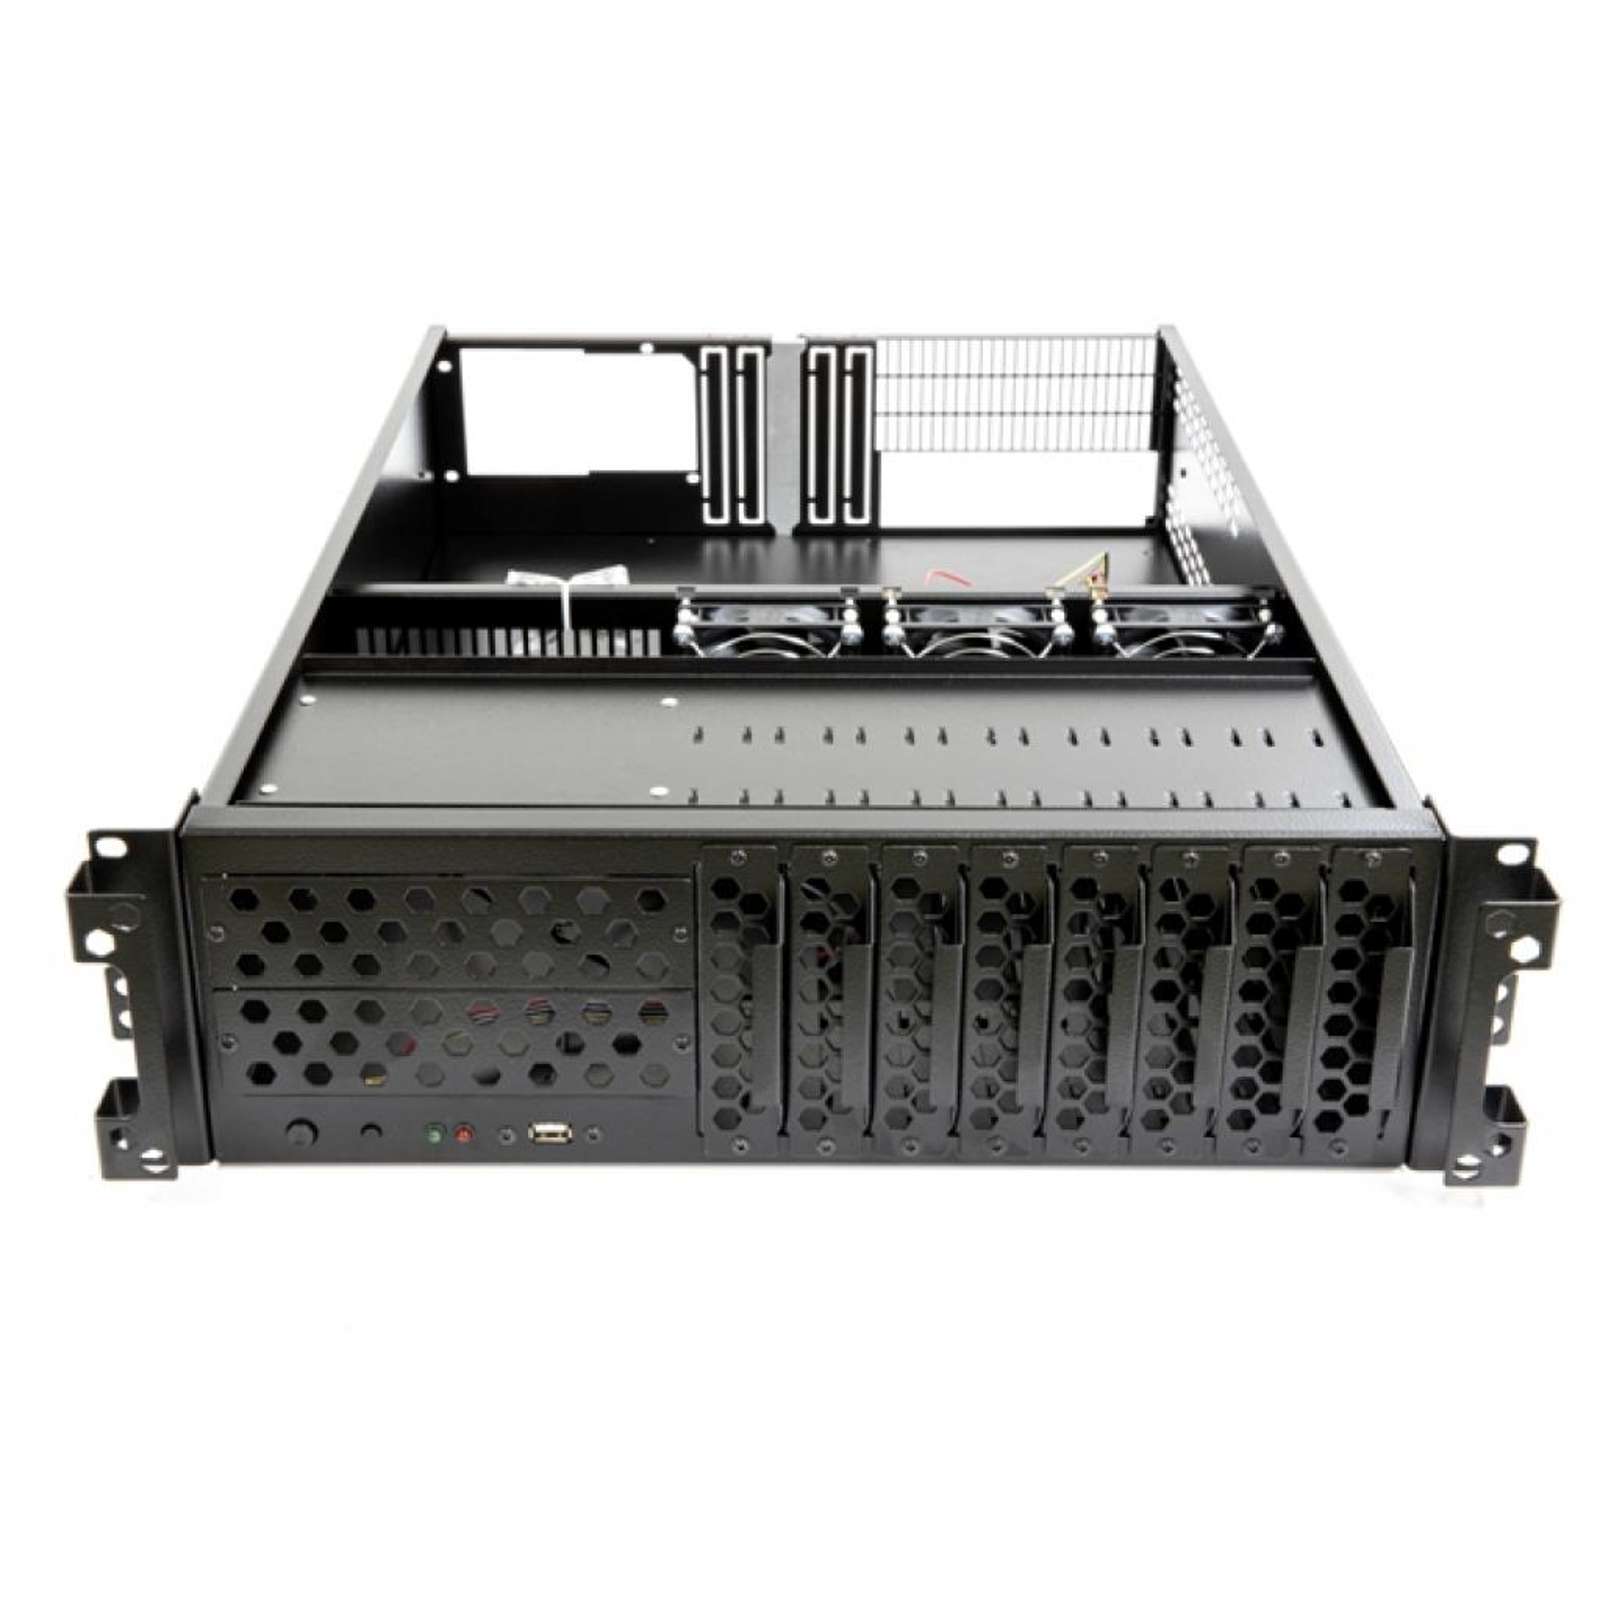 Корпус для сервера CSV 3U-S